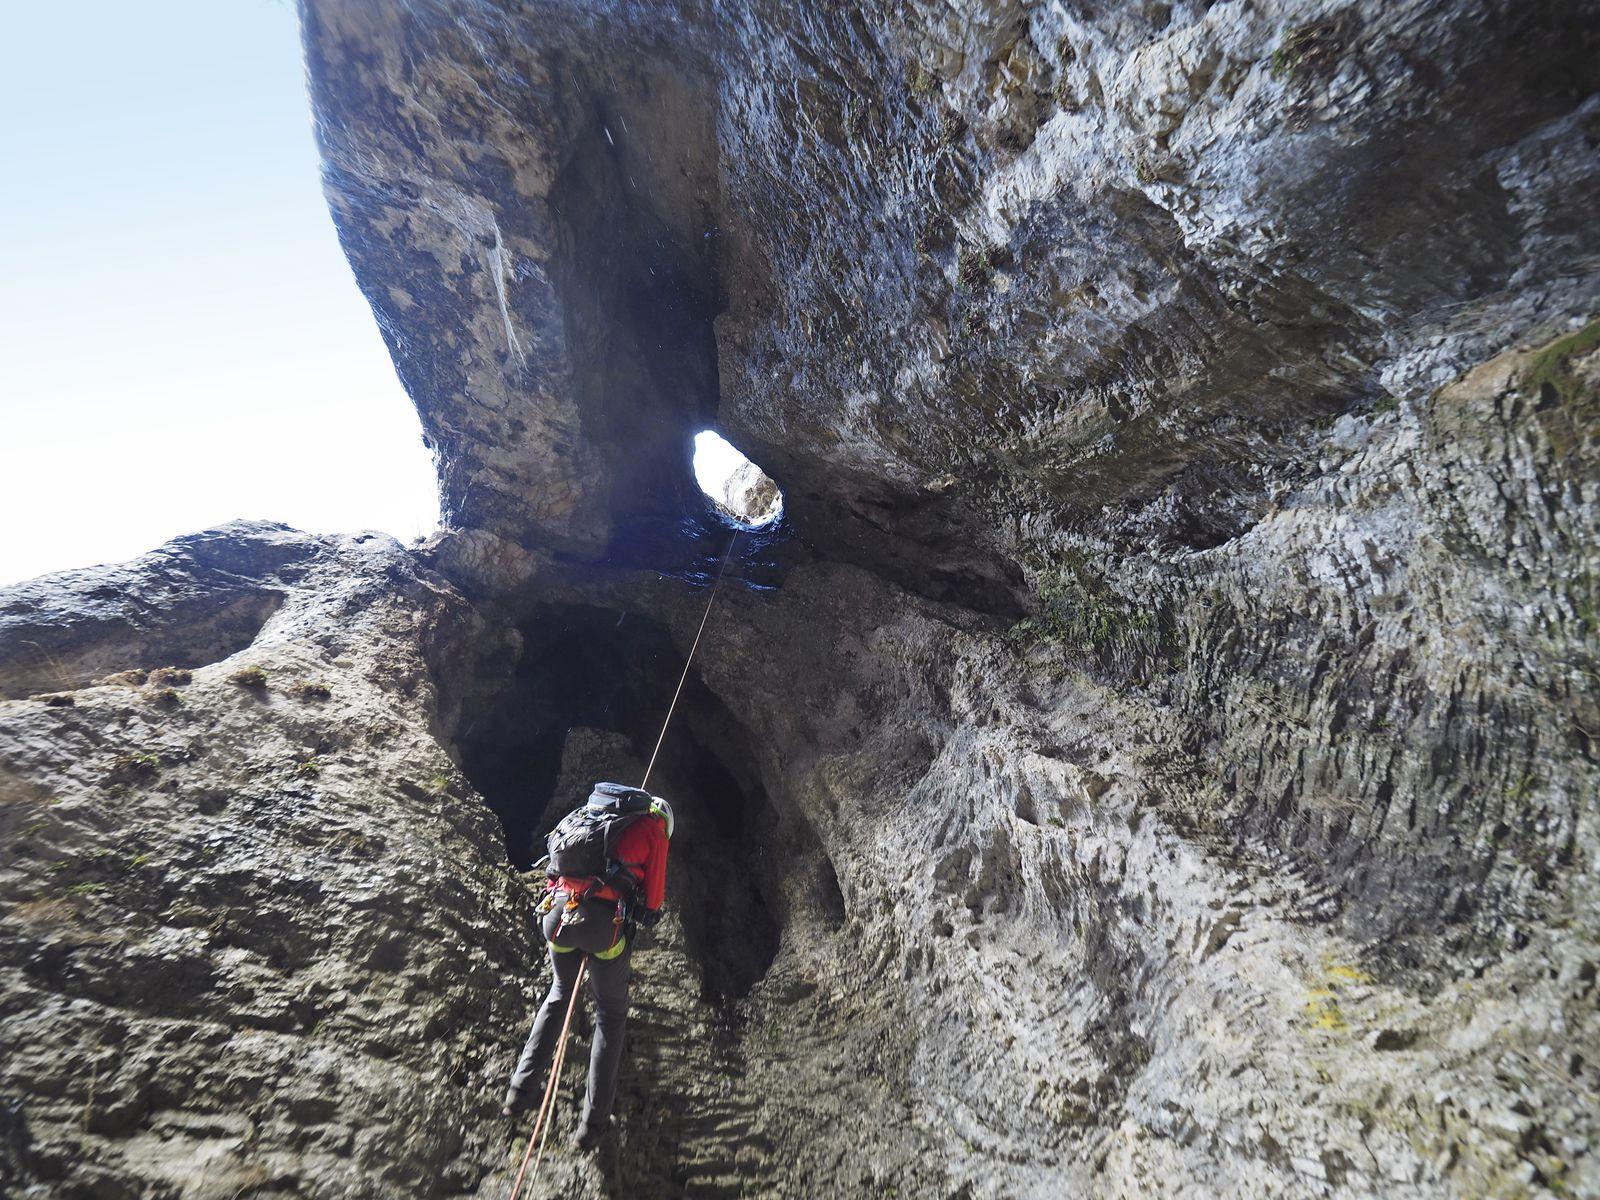 Hautes gorges du Furon